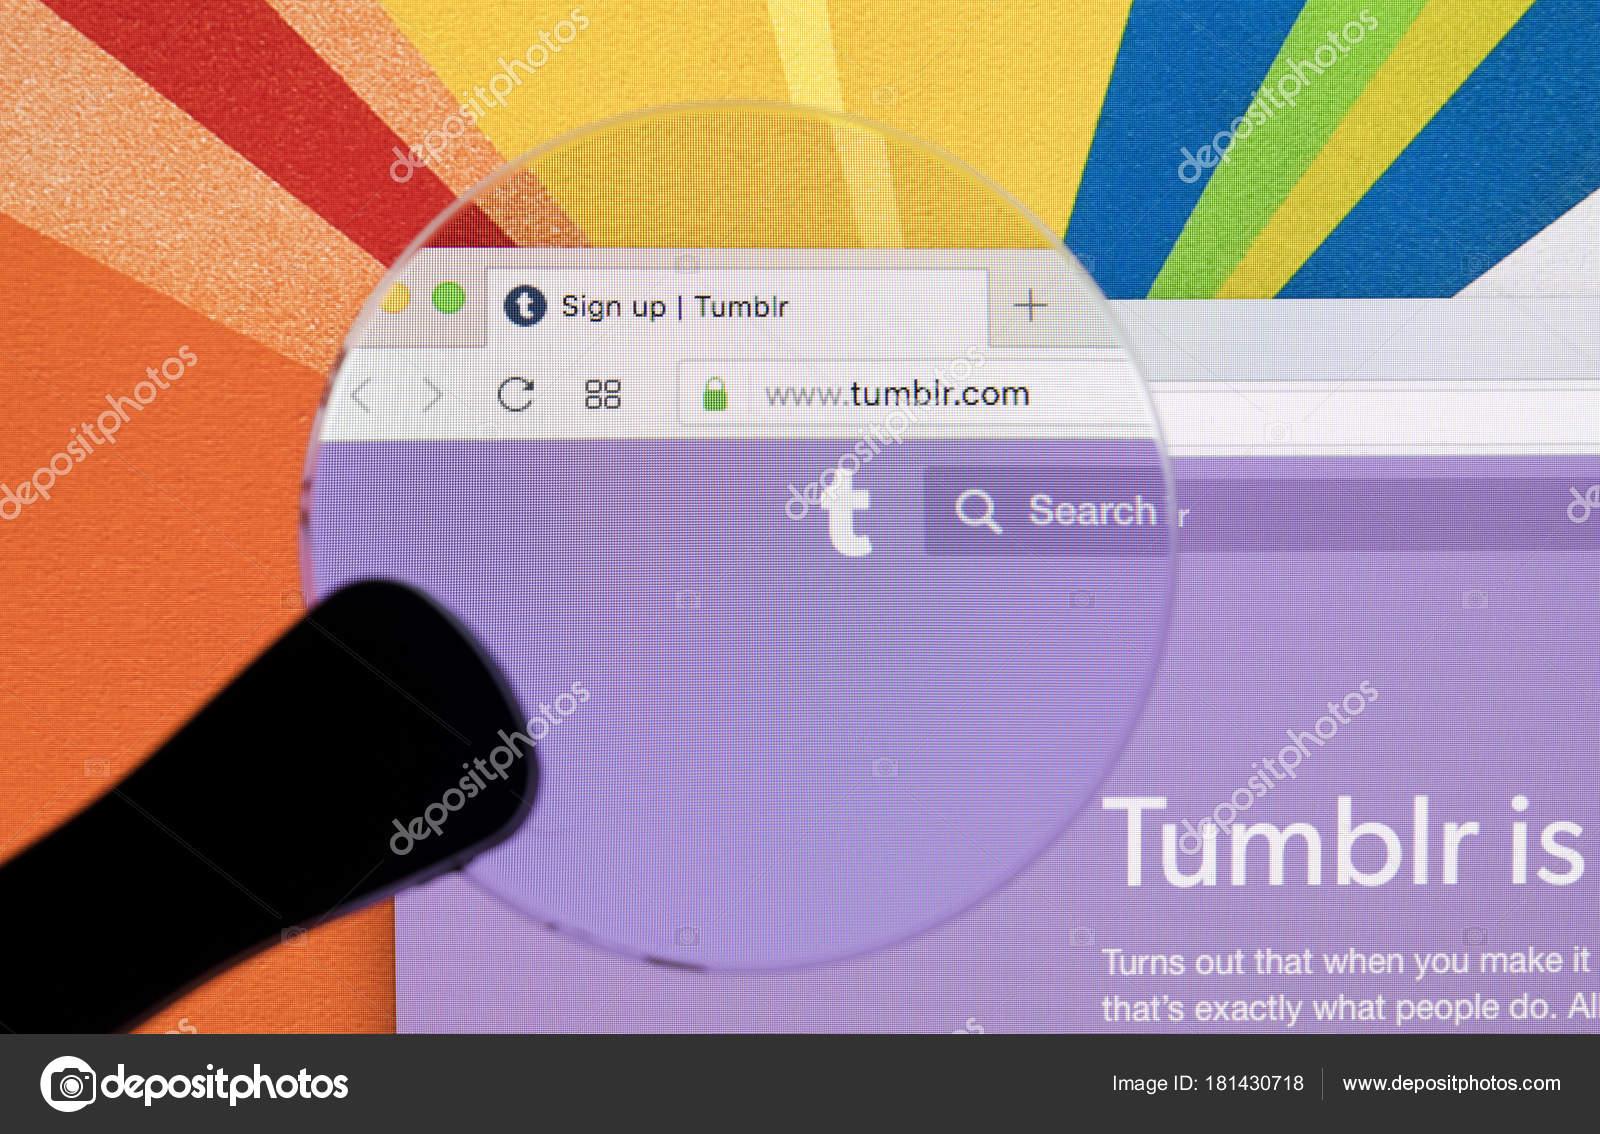 sankt petersburg russia january 2018 apple imac tumblr homepage